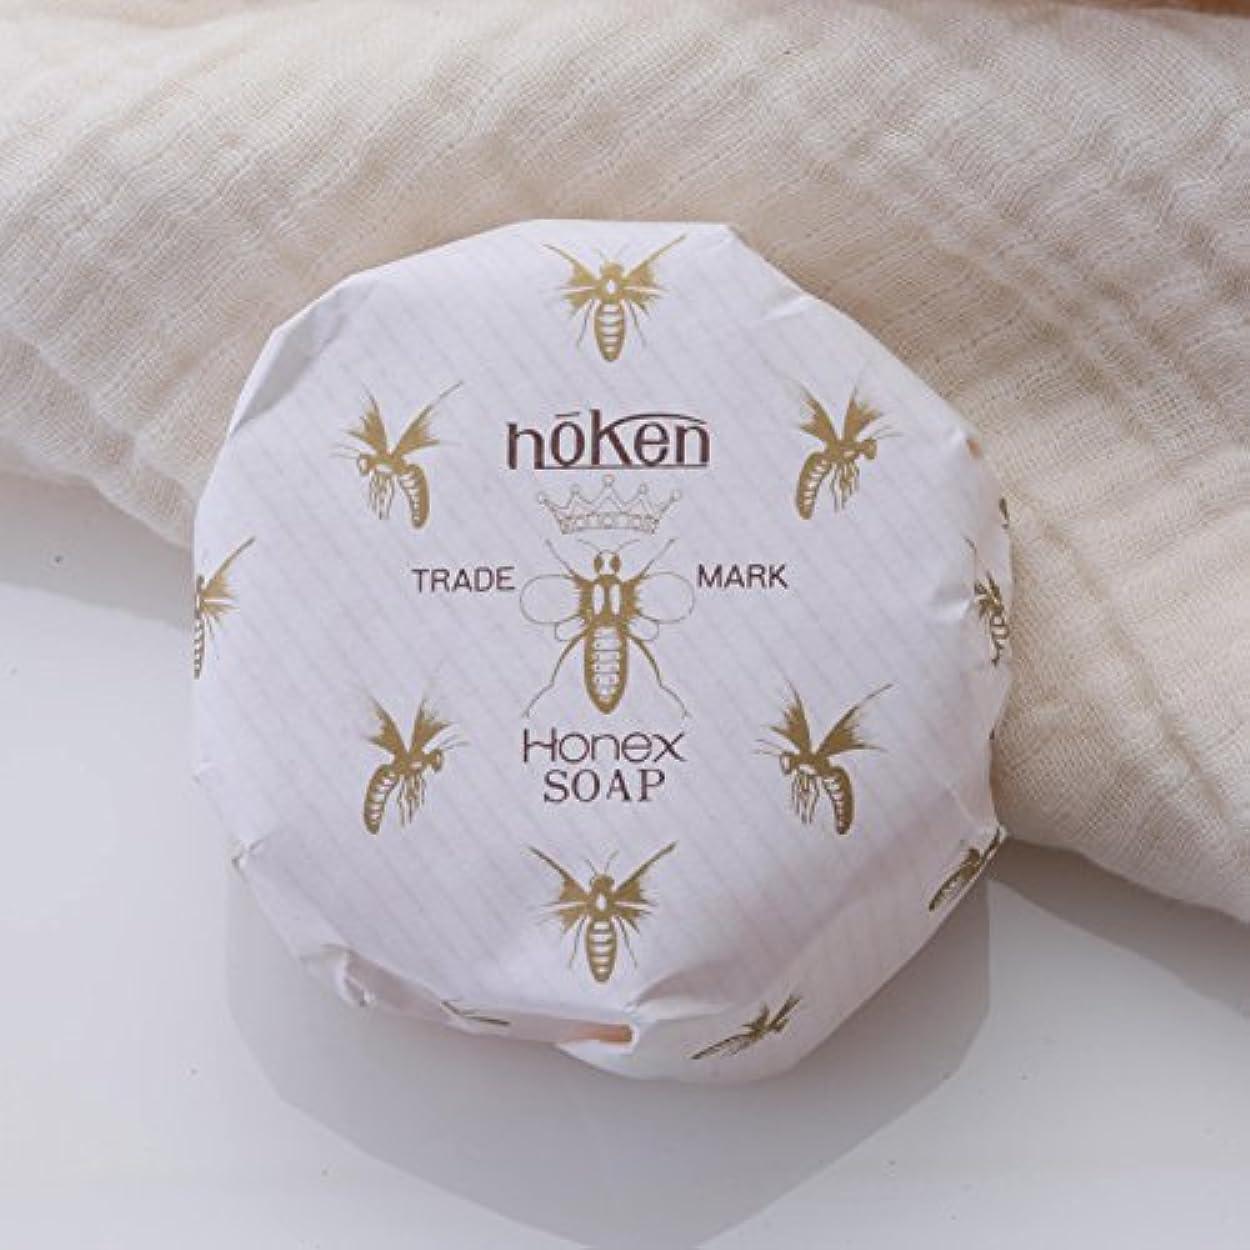 アジア神秘的なおもしろいHOKEN/HONEYX ソープ 大